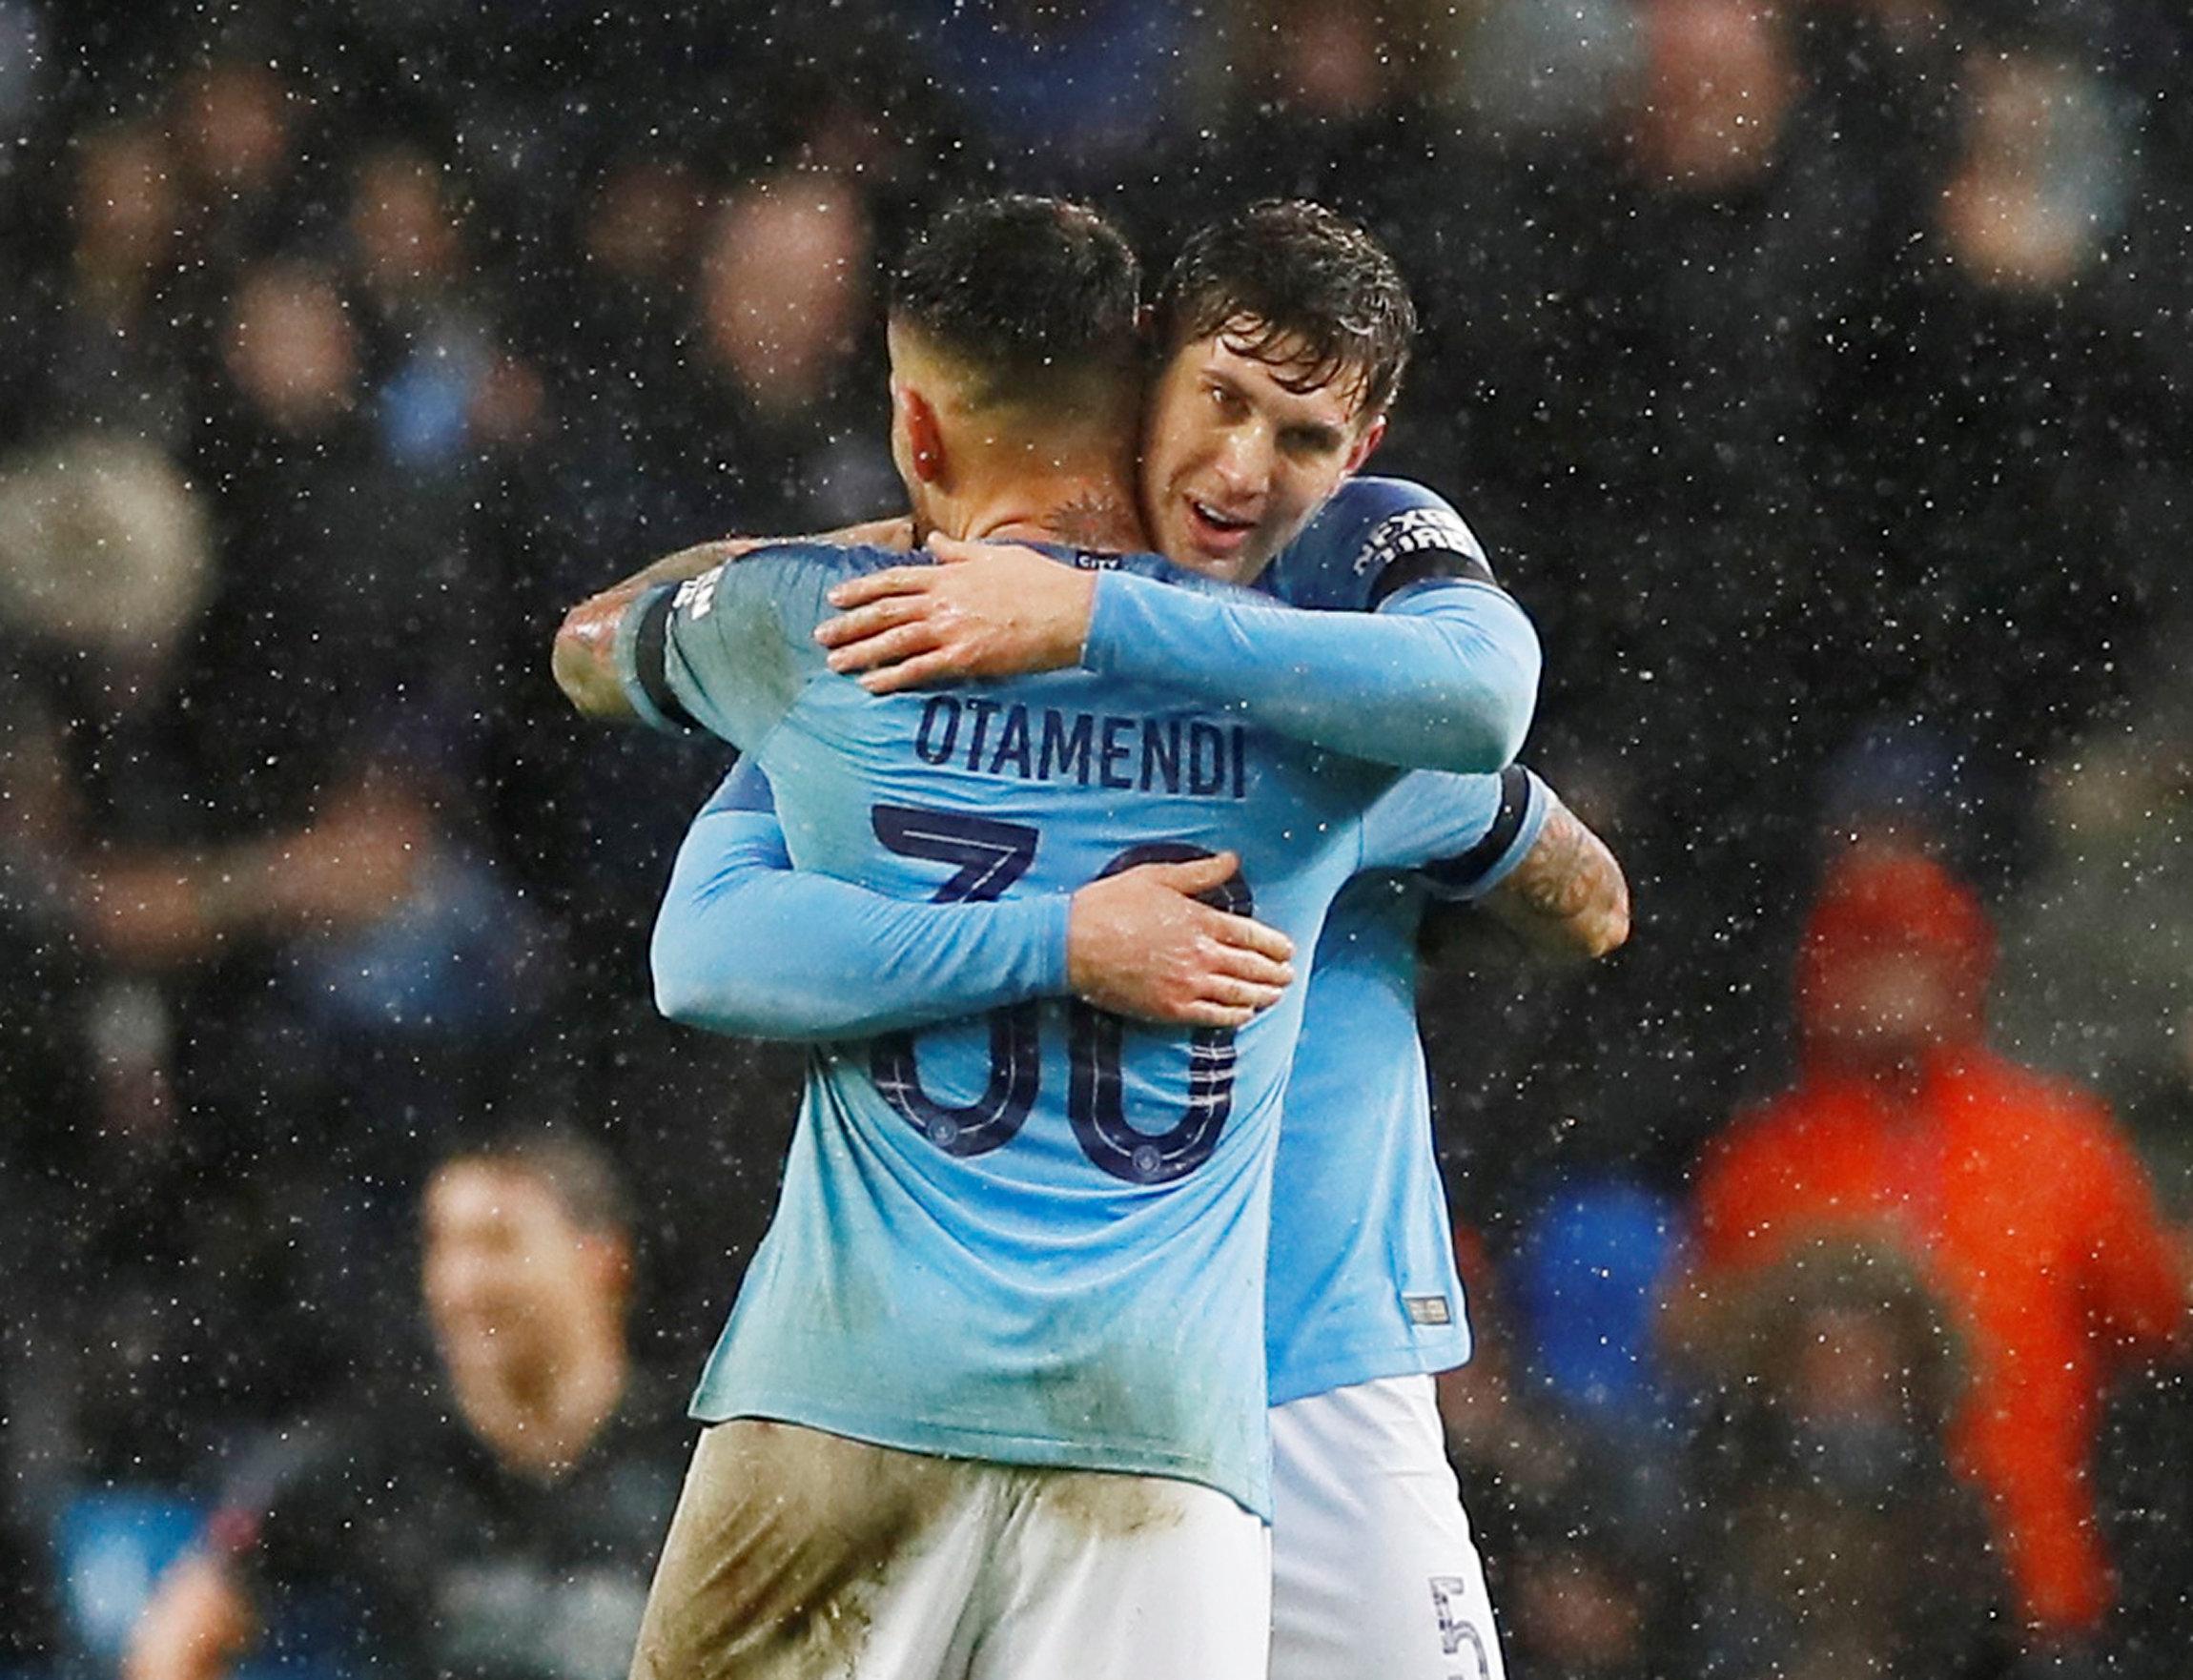 Football - Etranger - Manchester City sans souci, Newcastle et Everton à la trappe